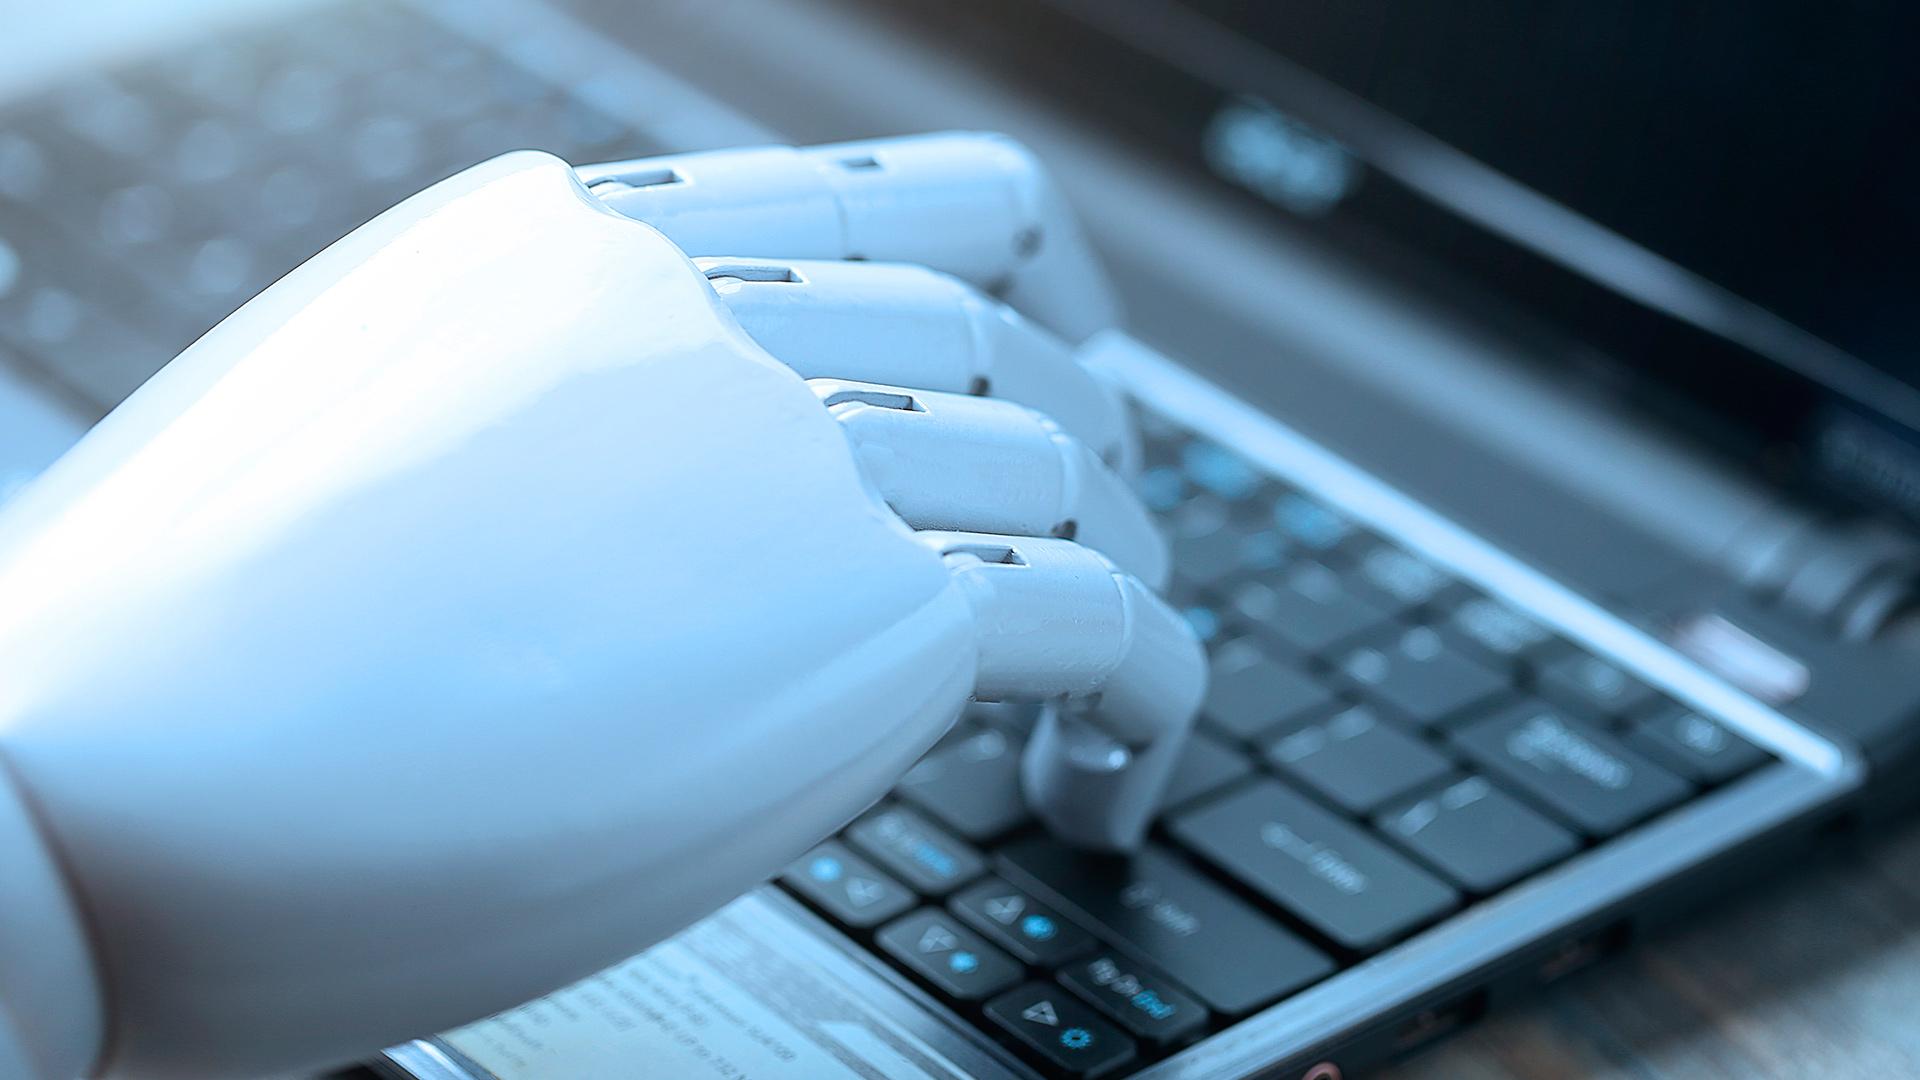 Intelligenza artificiale giuridico 07032019